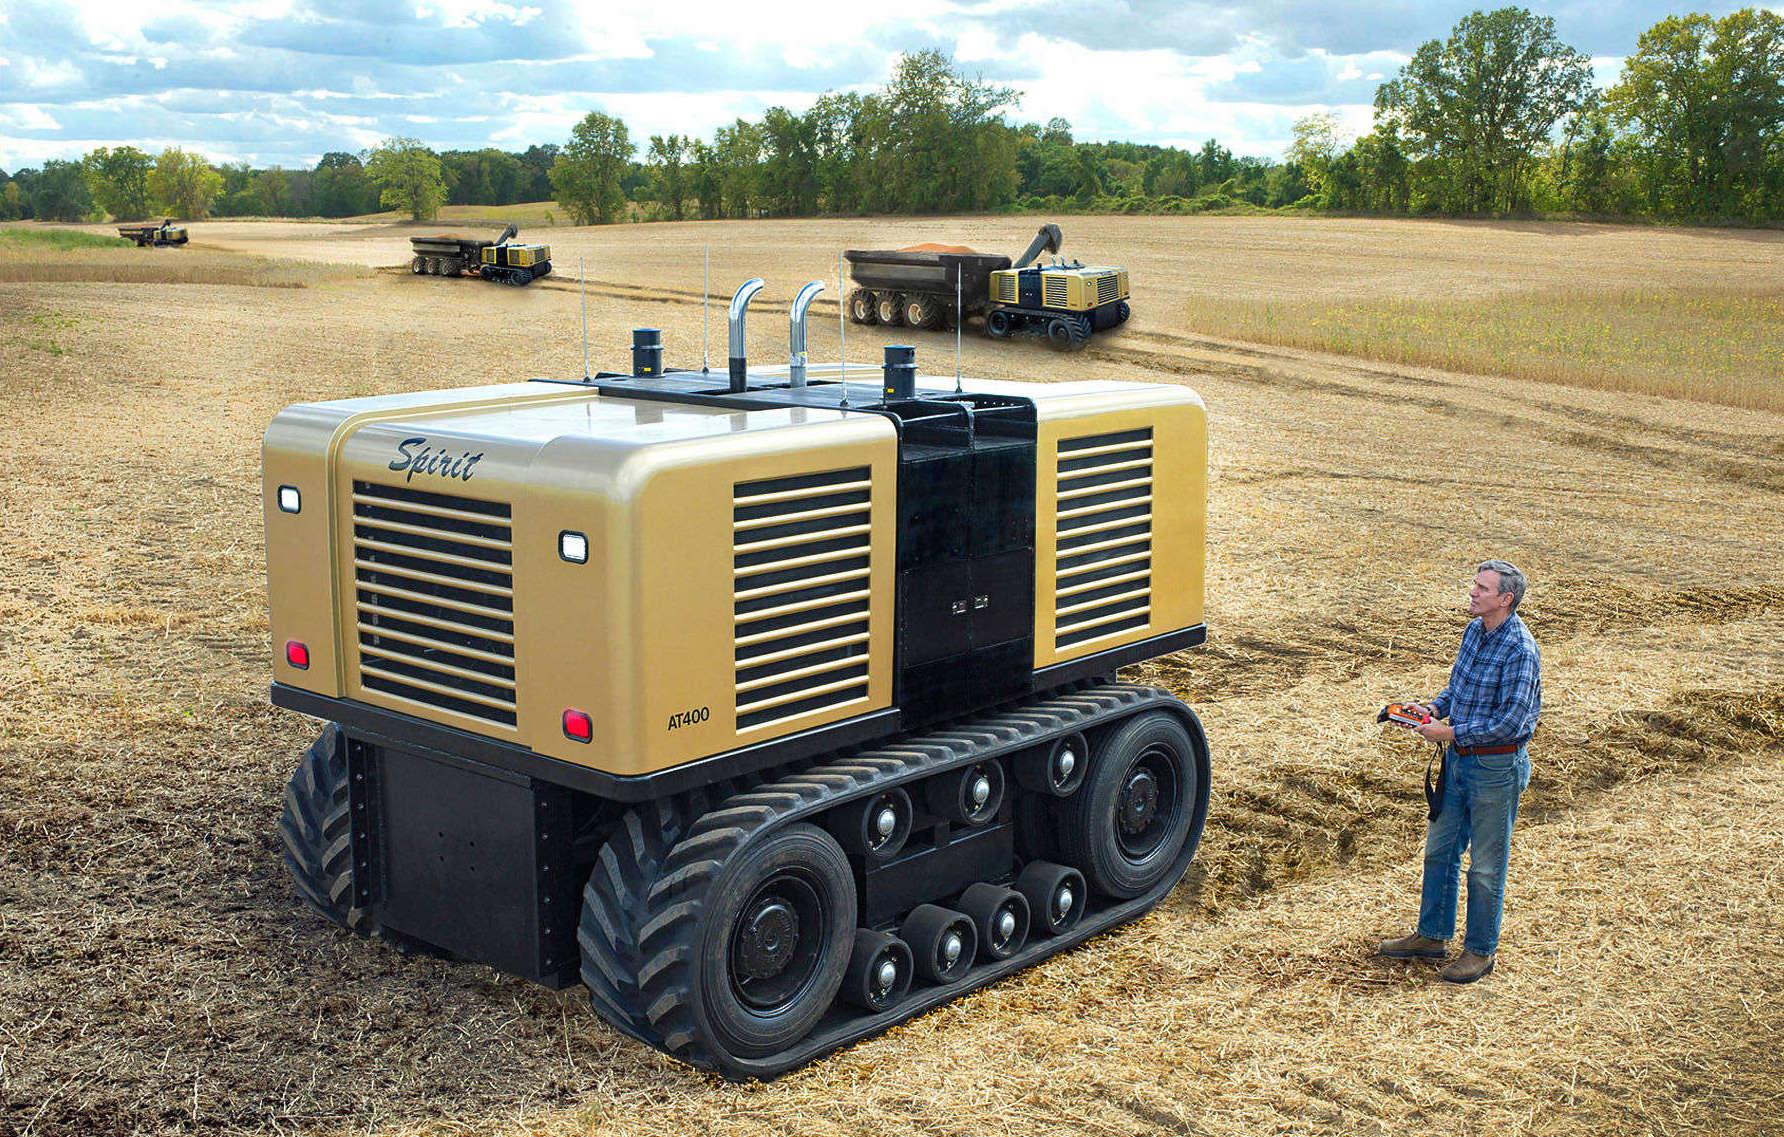 les robots vont ils aussi prendre la place des employ s agricoles printf. Black Bedroom Furniture Sets. Home Design Ideas